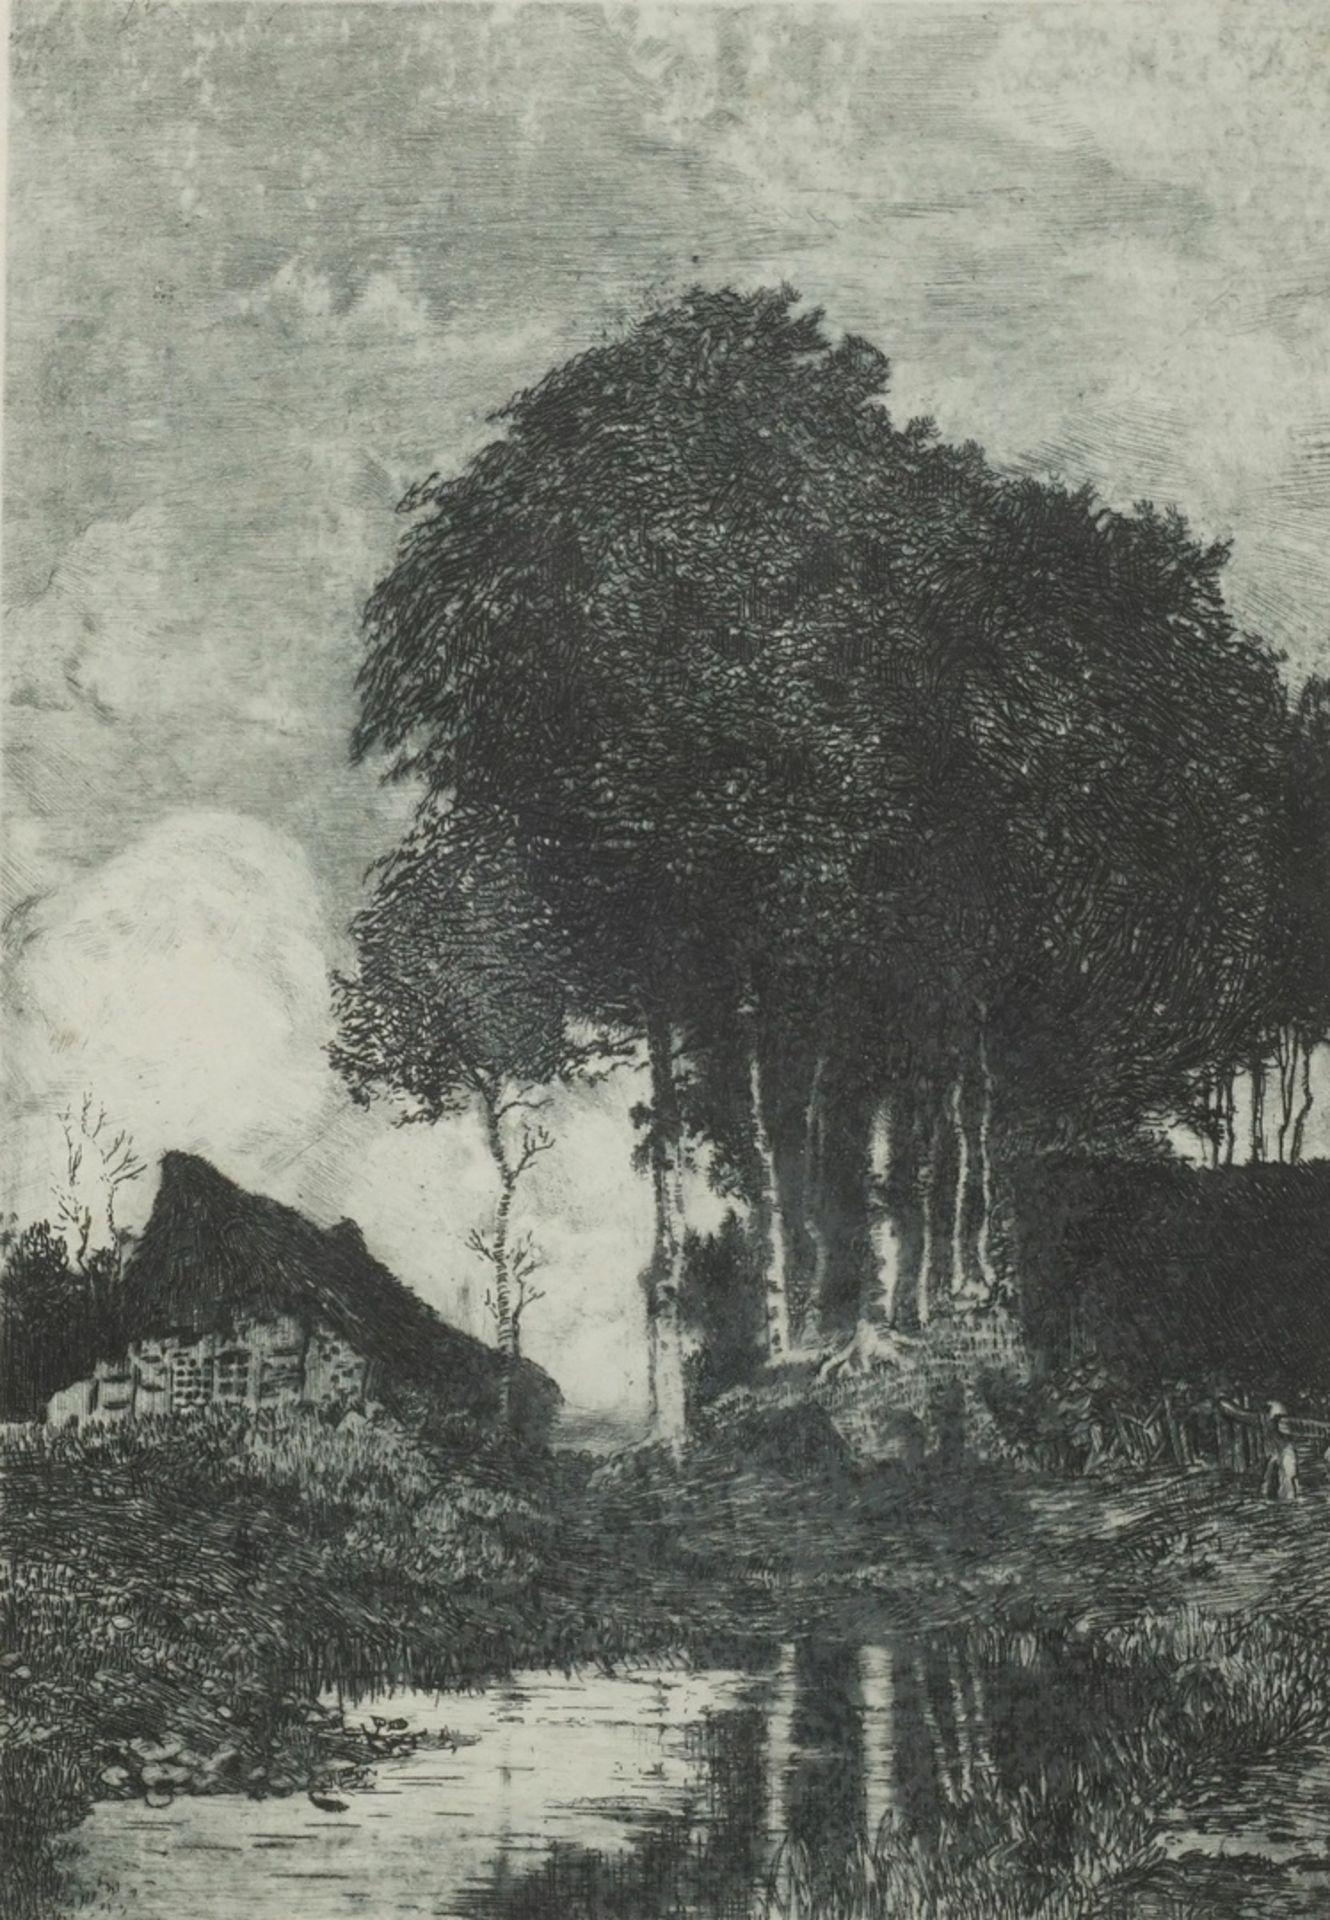 Hans am Ende, Bauernkate mit Birken im Moor